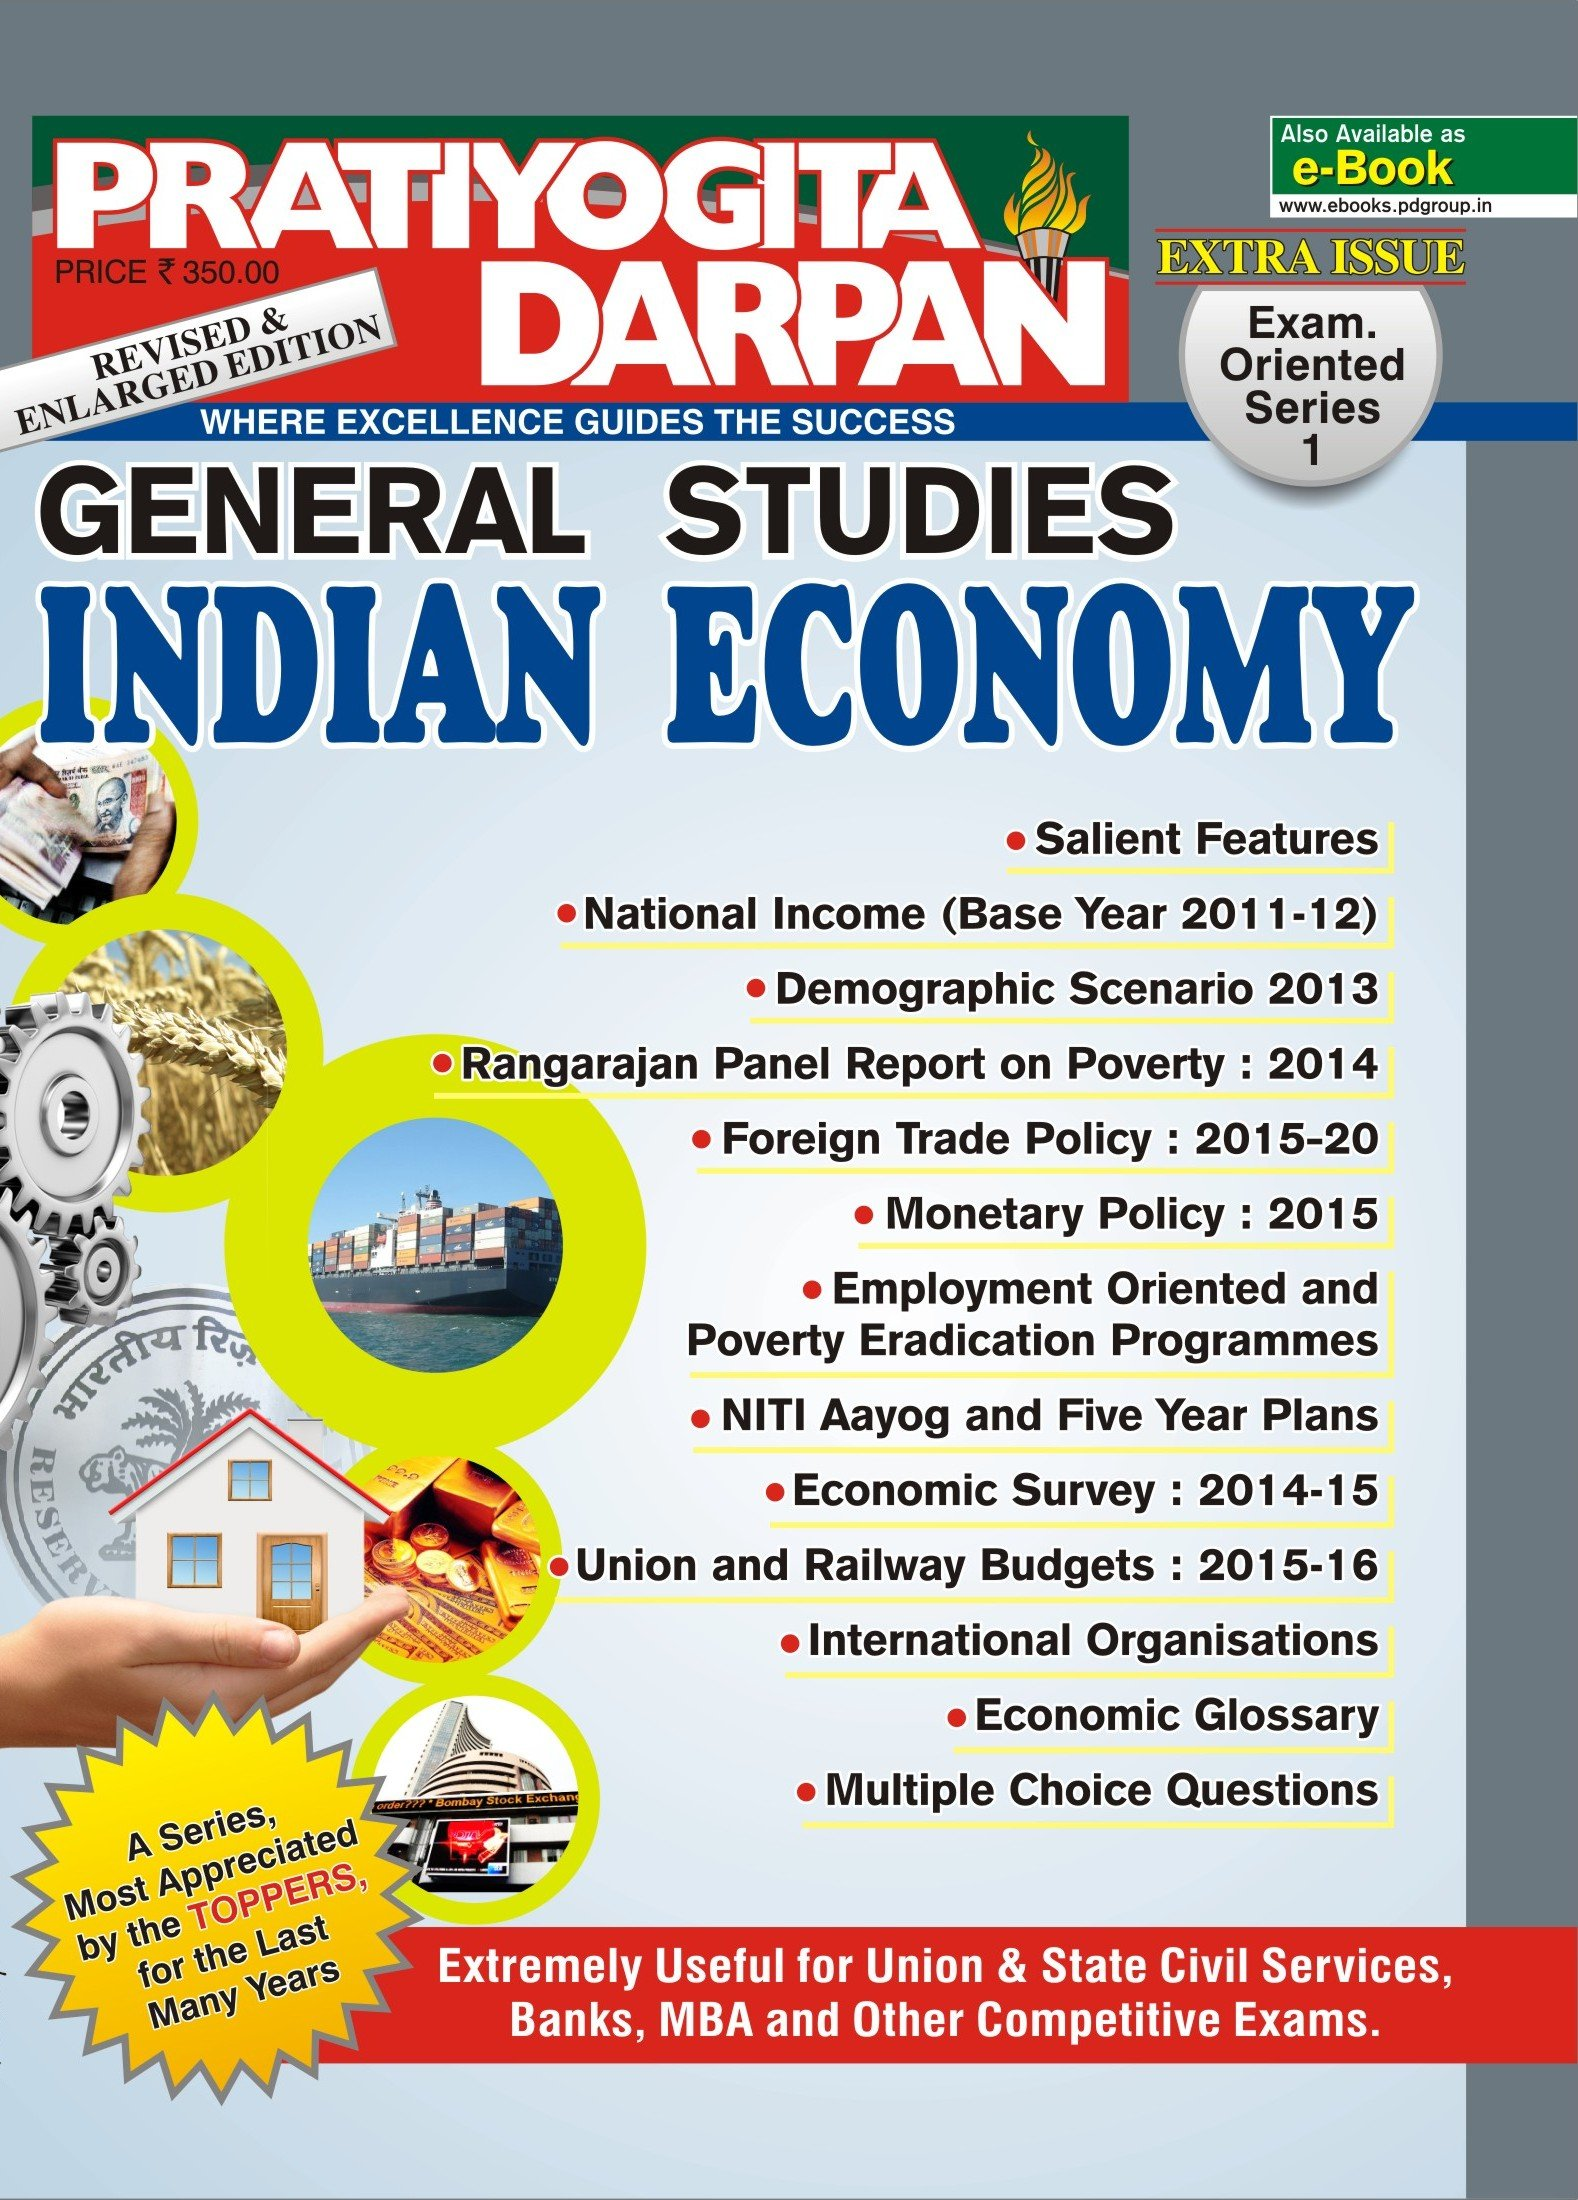 Extra pratiyogita pdf in darpan issue hindi